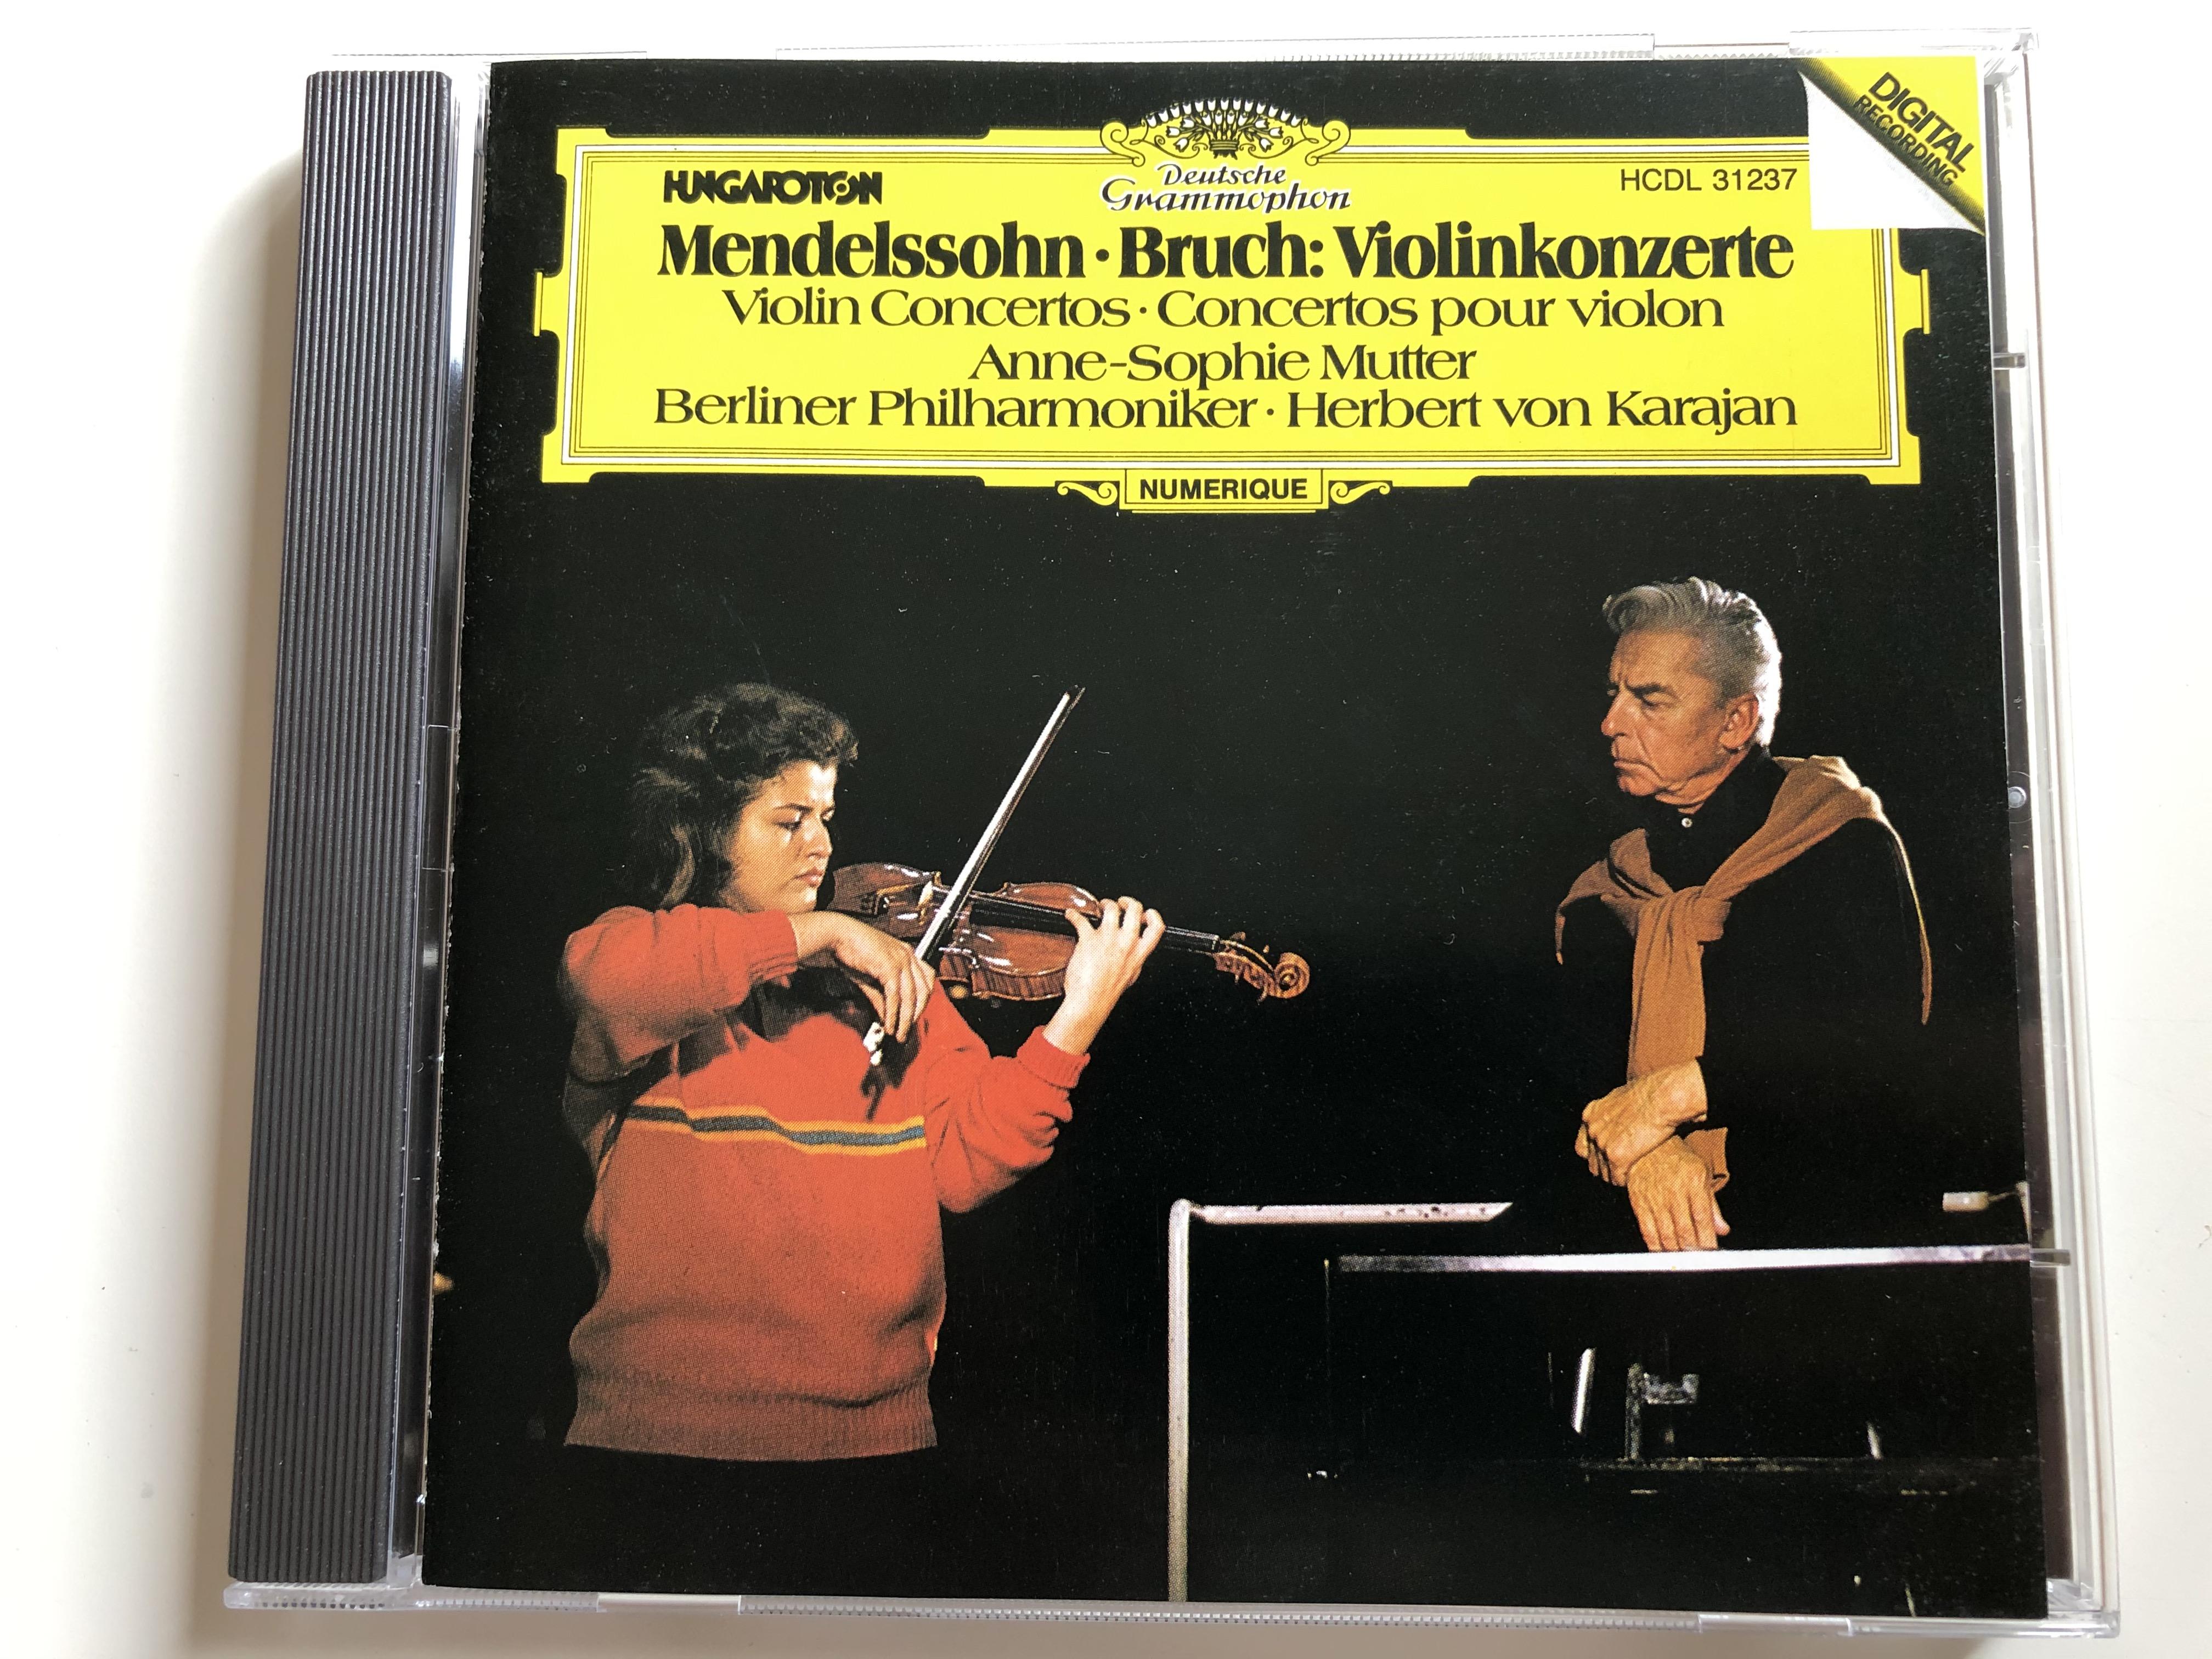 mendelssohn-bruch-violinkonzerte-violin-concertos-concertos-pour-violin-anne-sophie-mutter-berliner-philharmoniker-herbert-von-karajan-deutsche-grammophon-audio-cd-1981-stereo-hcdl-312-1-.jpg